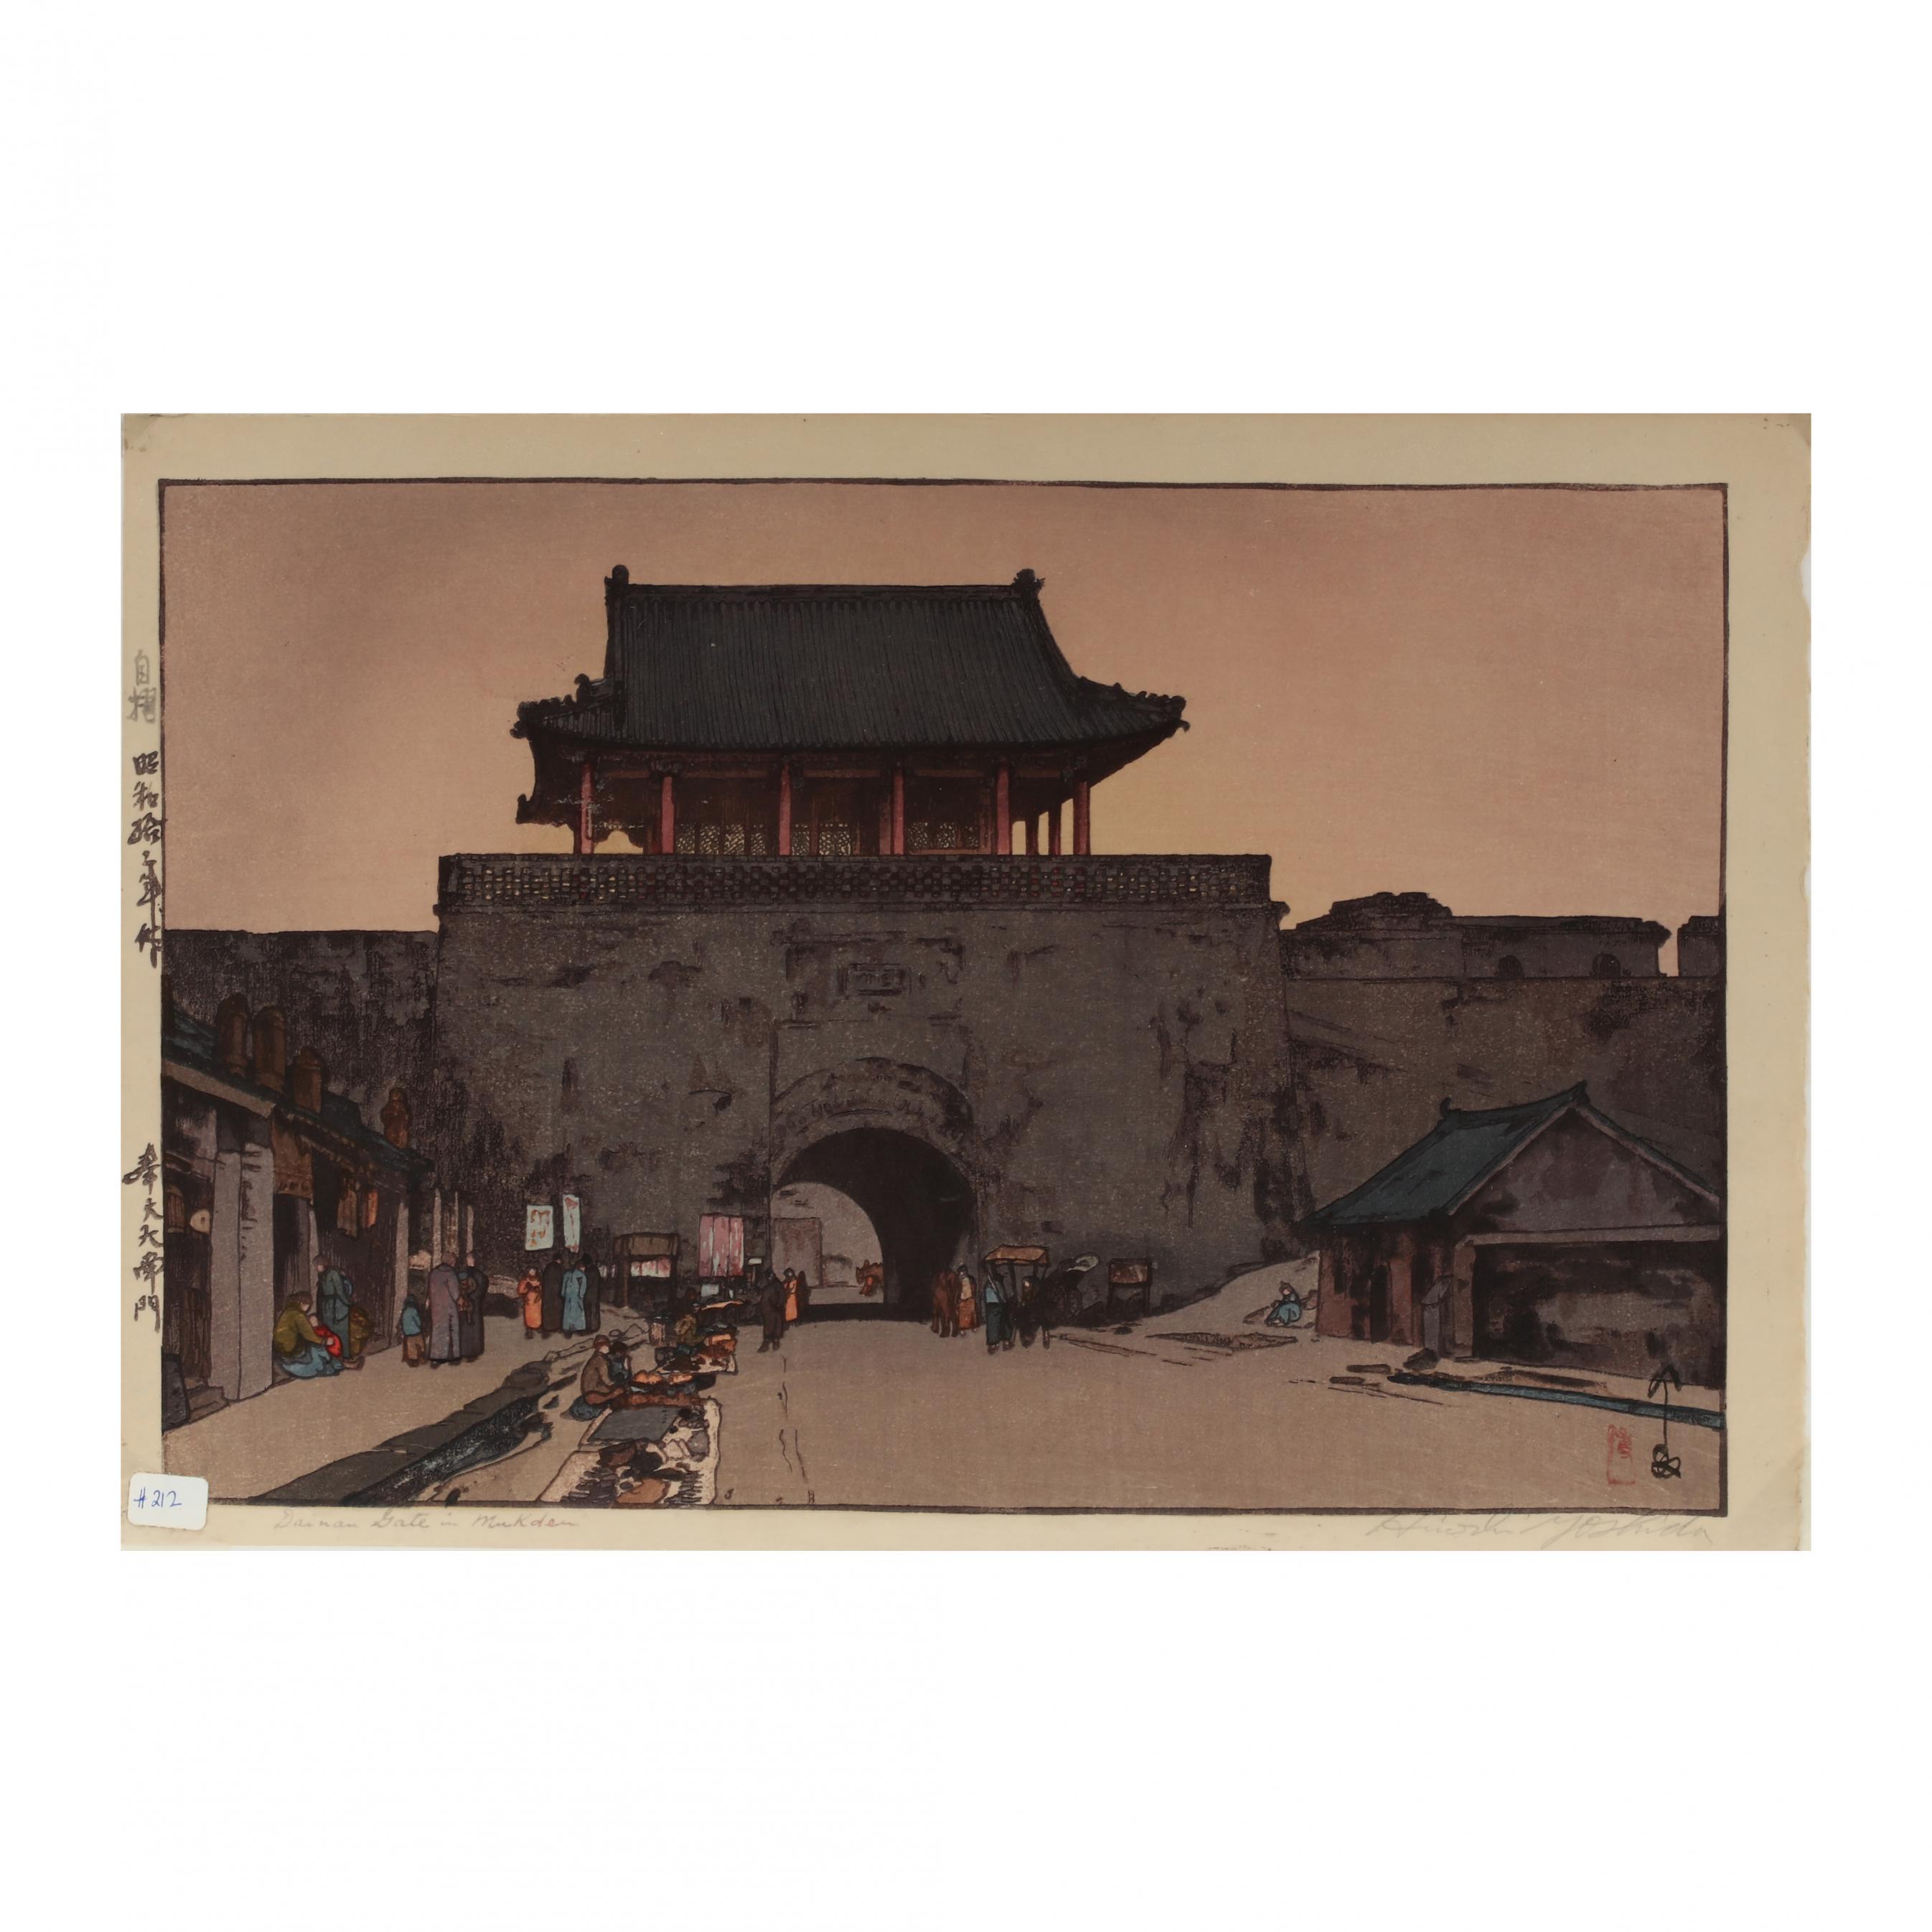 hiroshi-yoshida-japanese-1876-1950-i-dainan-gate-in-mukden-i